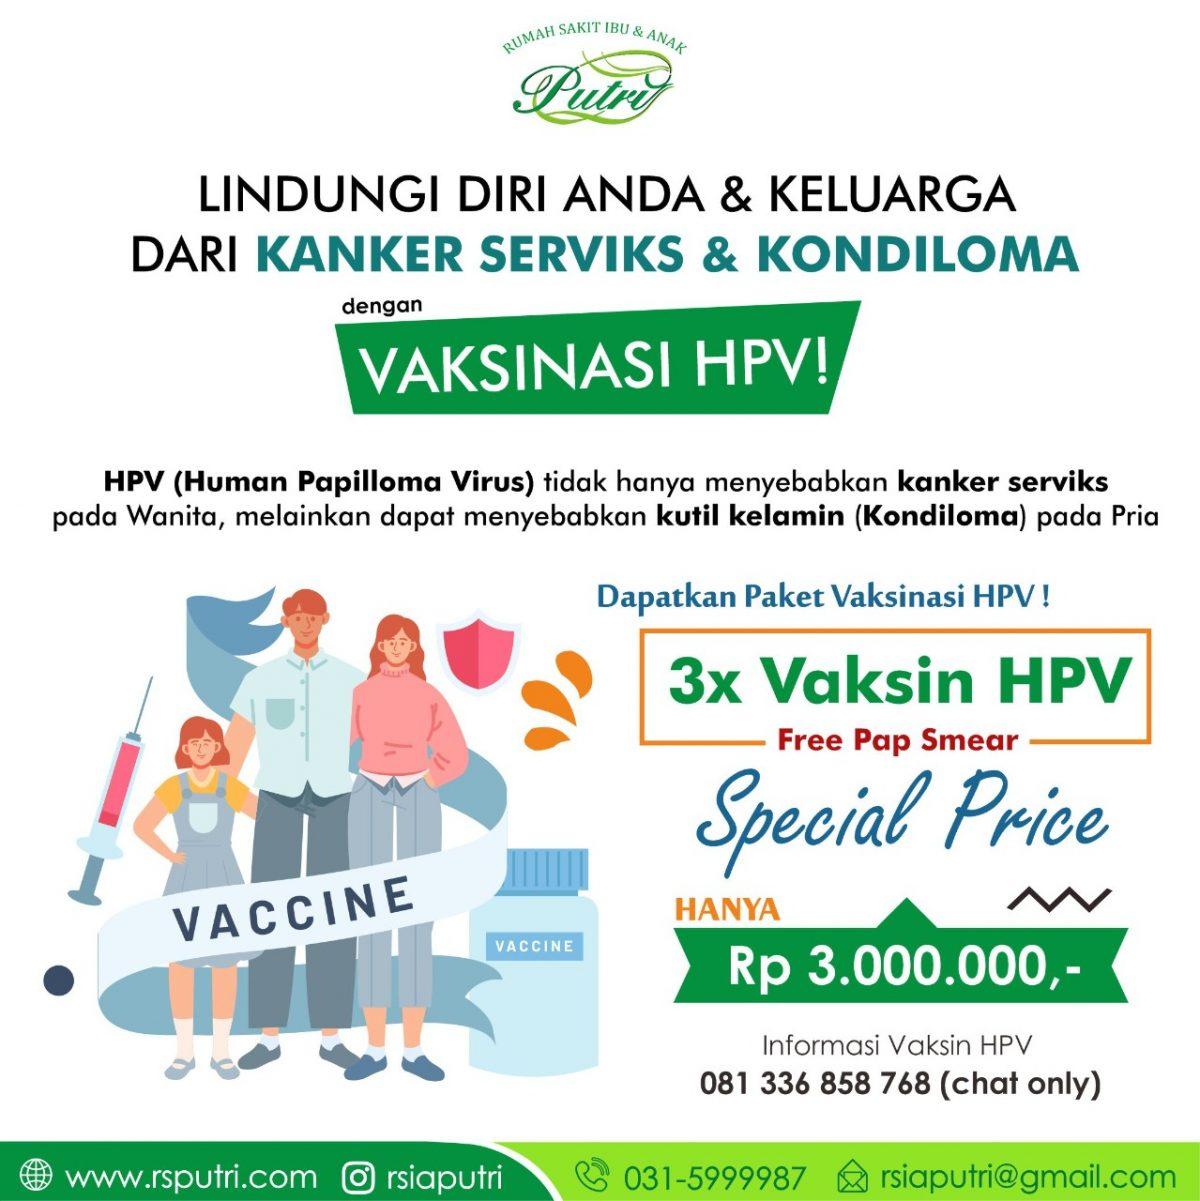 VAKSINASI HPV